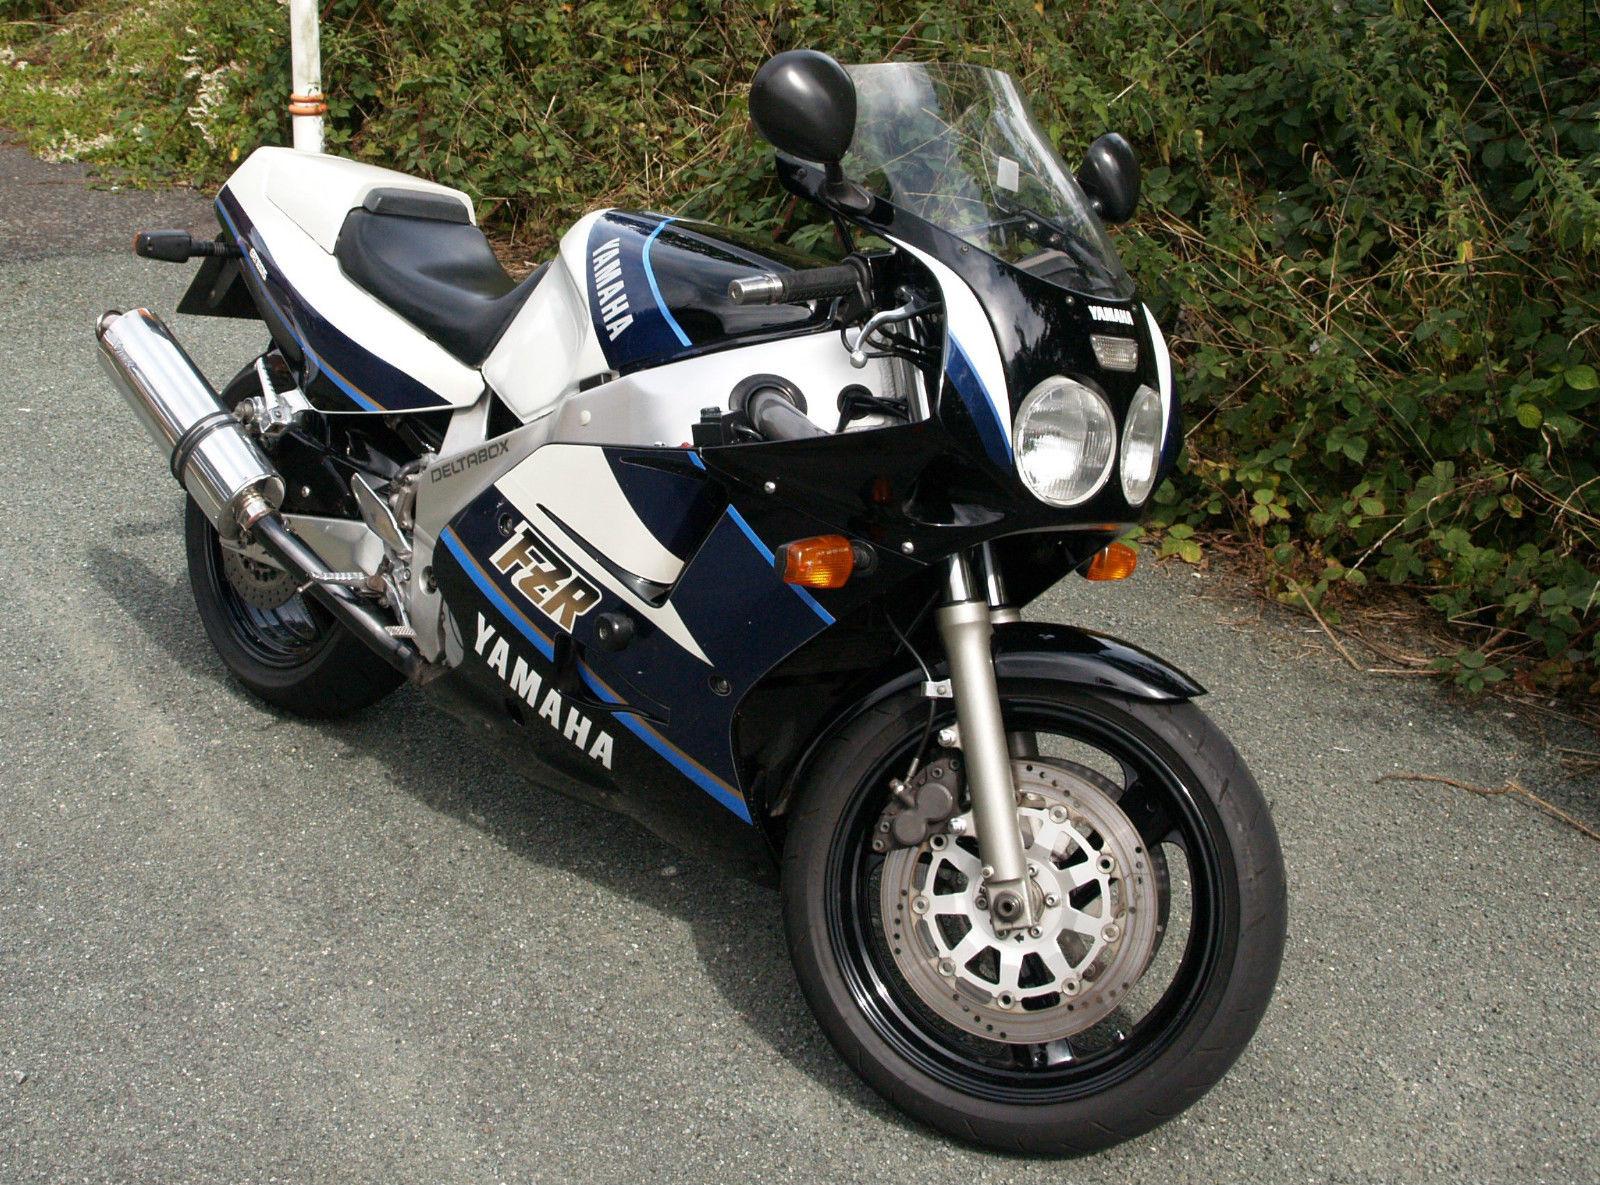 Yamaha Fzr1000 Exup 1989 Blue White